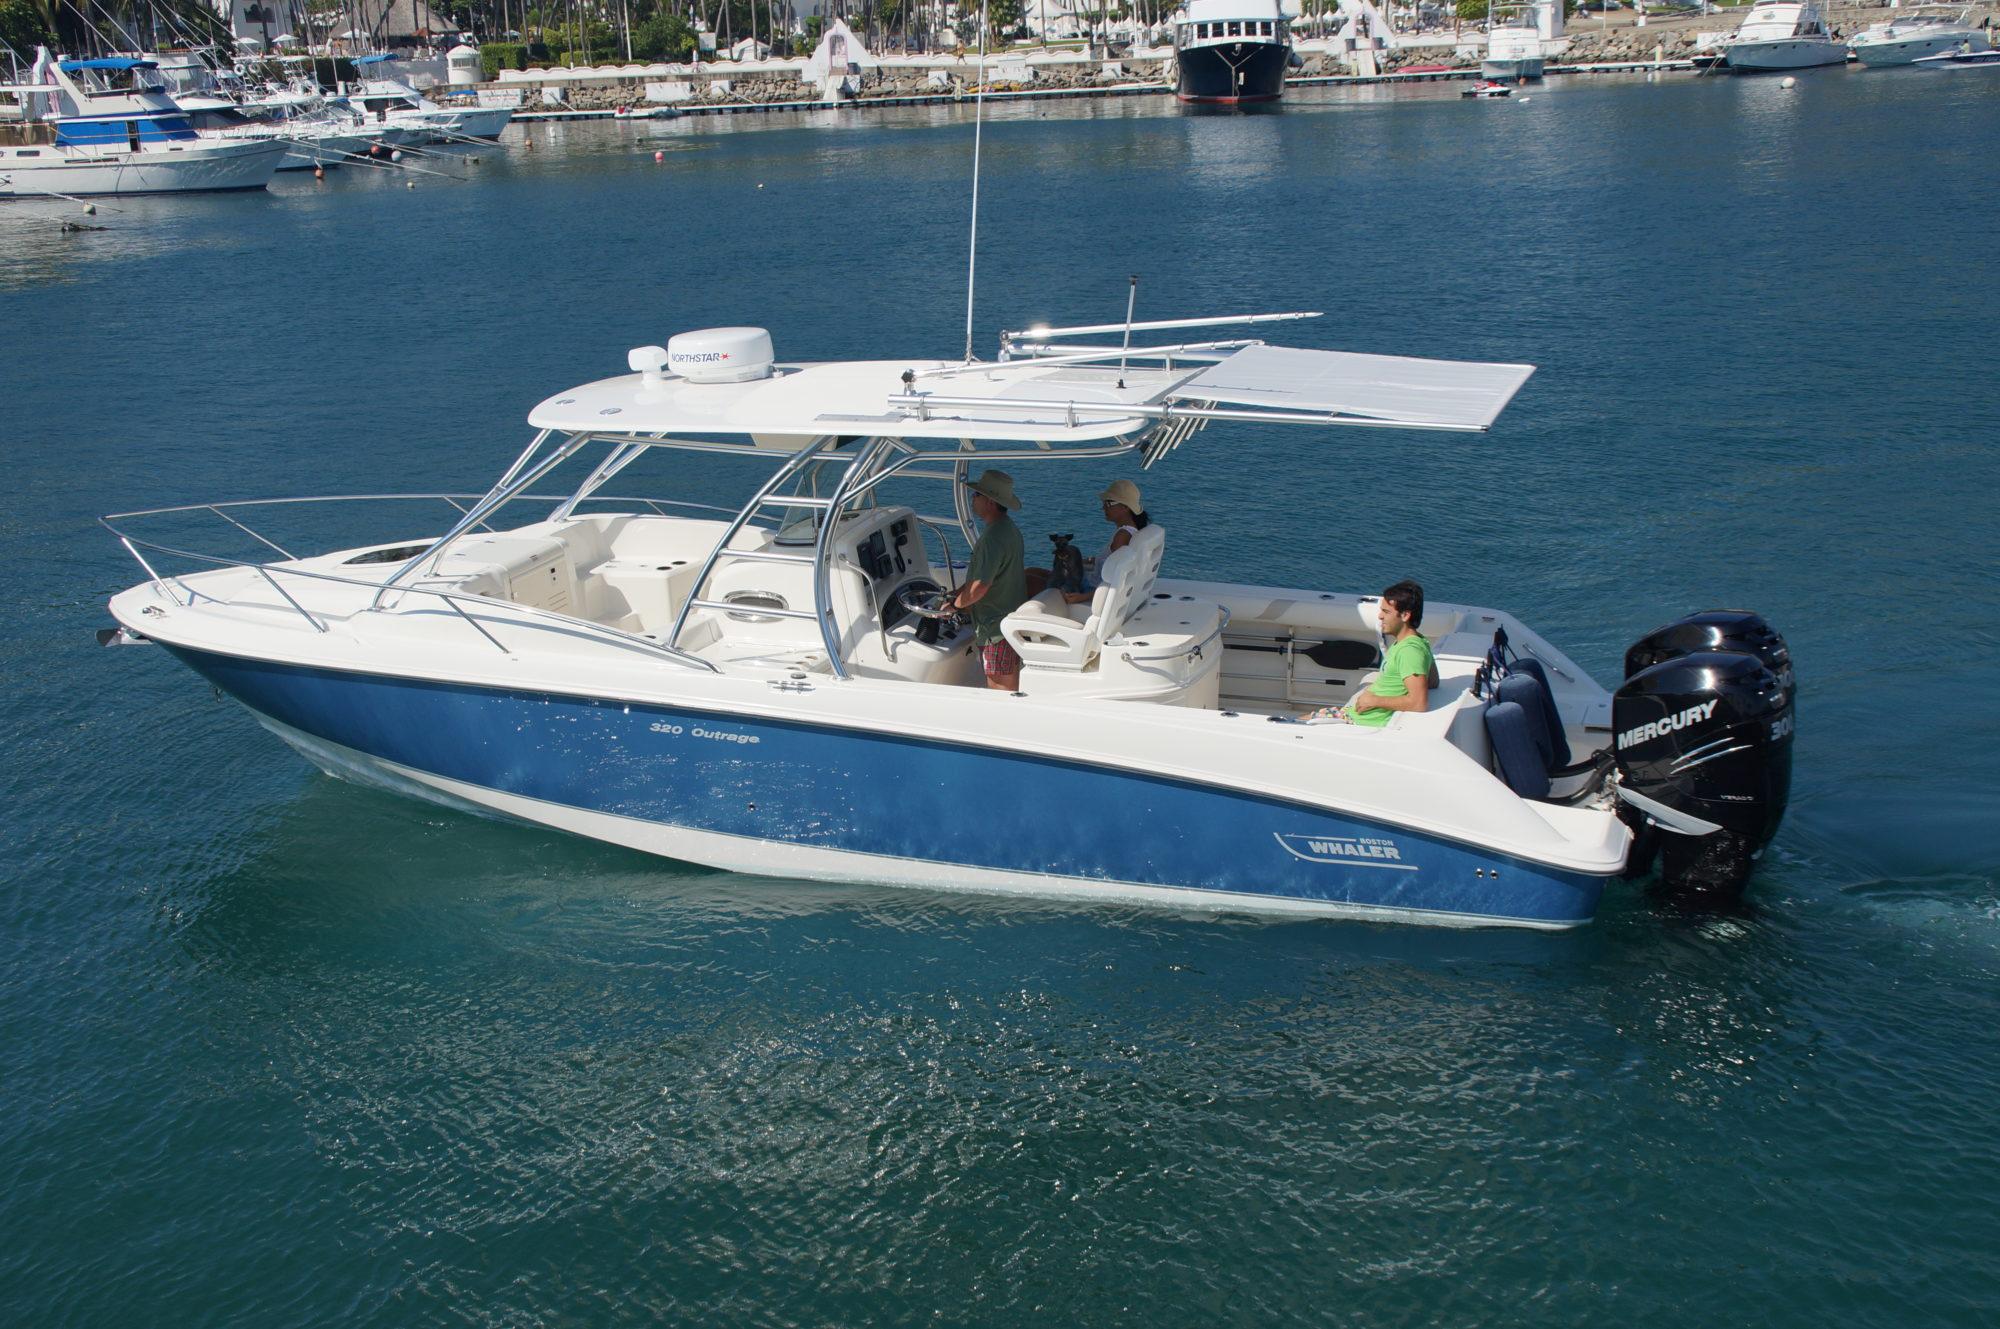 DIY Boat Shades